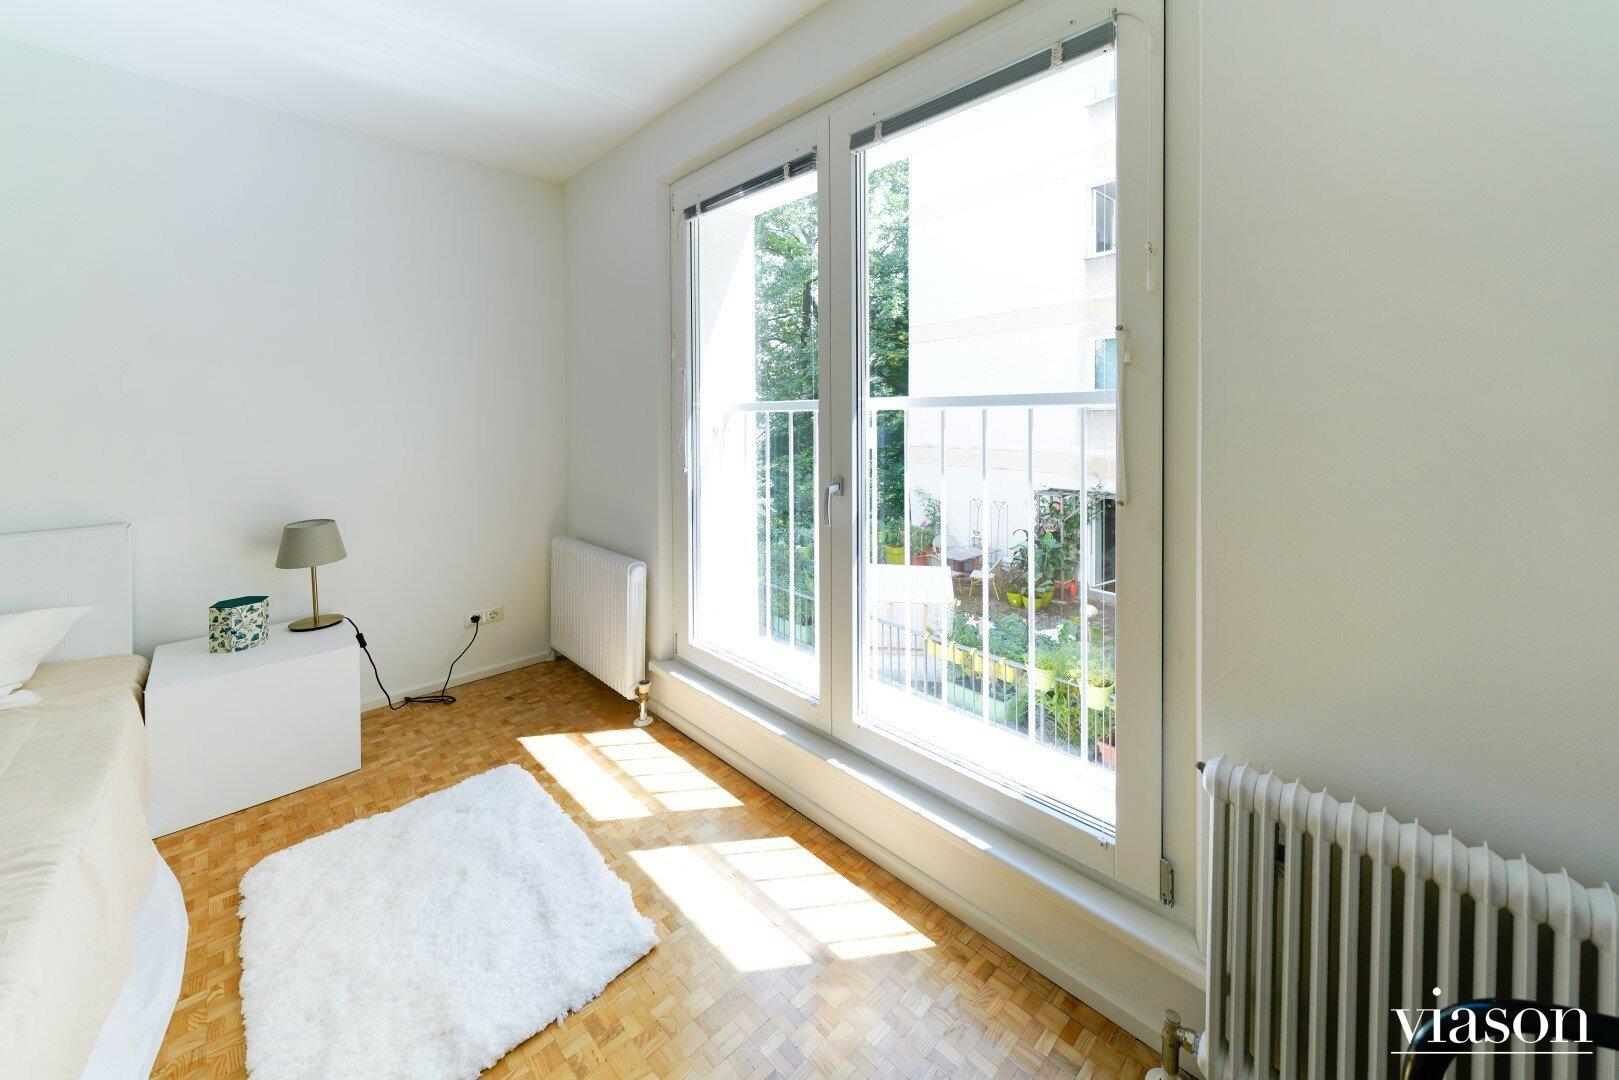 Blick Elternschalfzimmer in den Alois-Drasche-Park